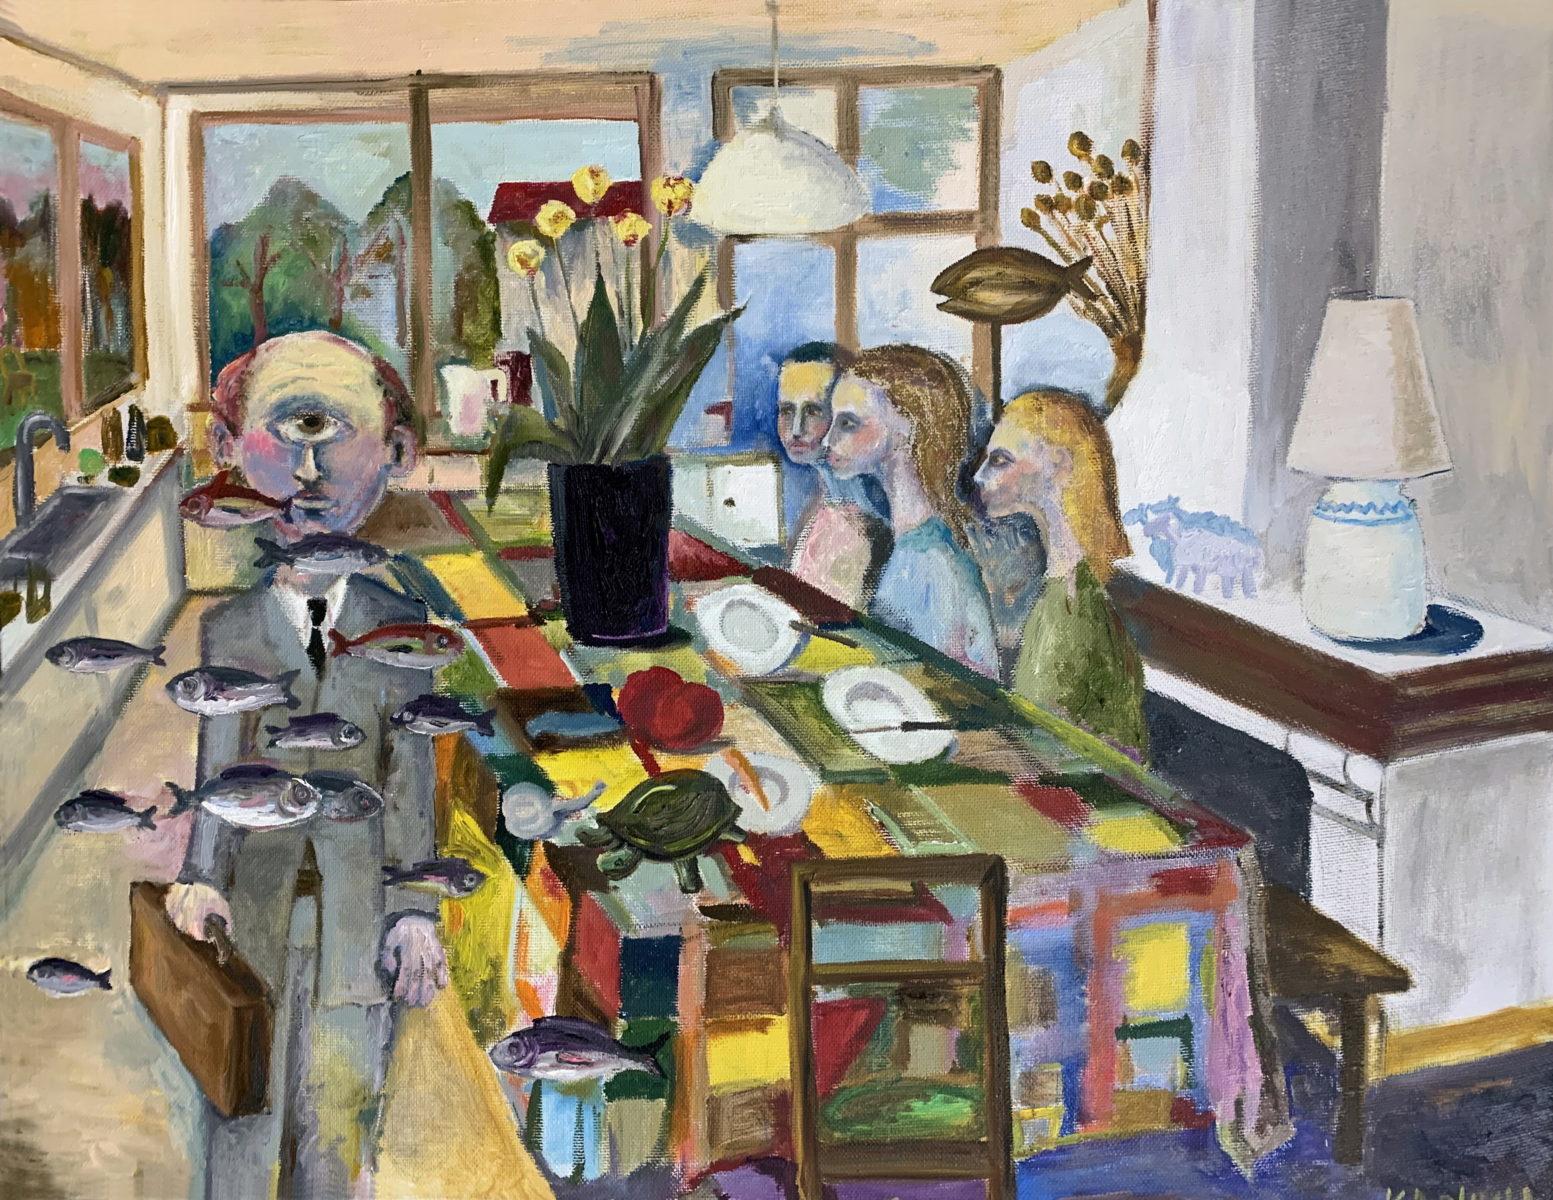 Выставка «Большое и маленькое» в Галерее ХХI века – события на сайте «Московские Сезоны»